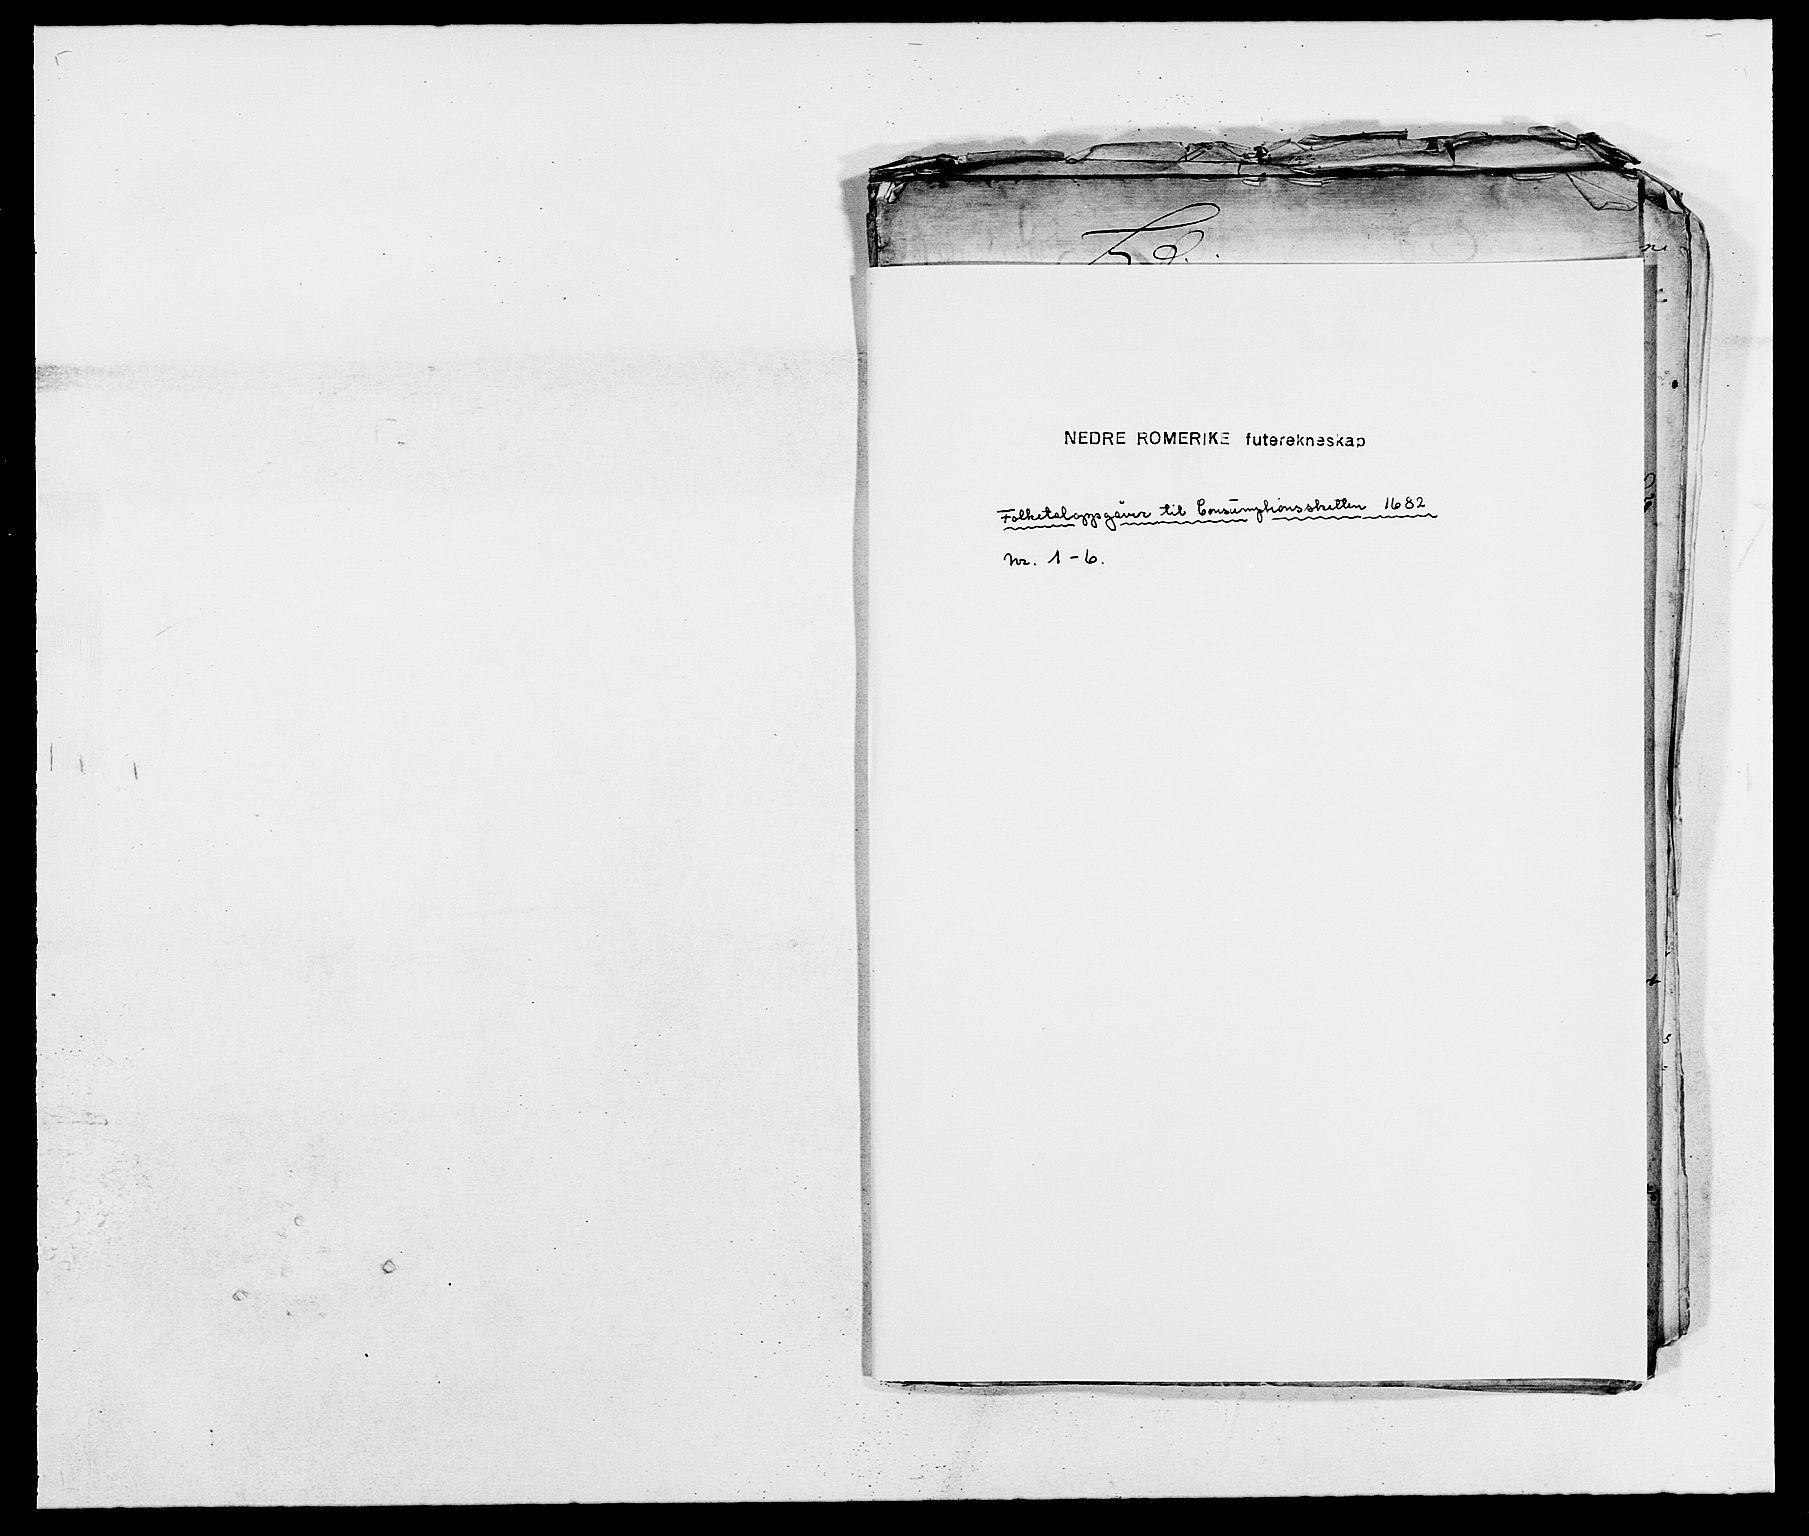 RA, Rentekammeret inntil 1814, Reviderte regnskaper, Fogderegnskap, R11/L0570: Fogderegnskap Nedre Romerike, 1682, s. 291